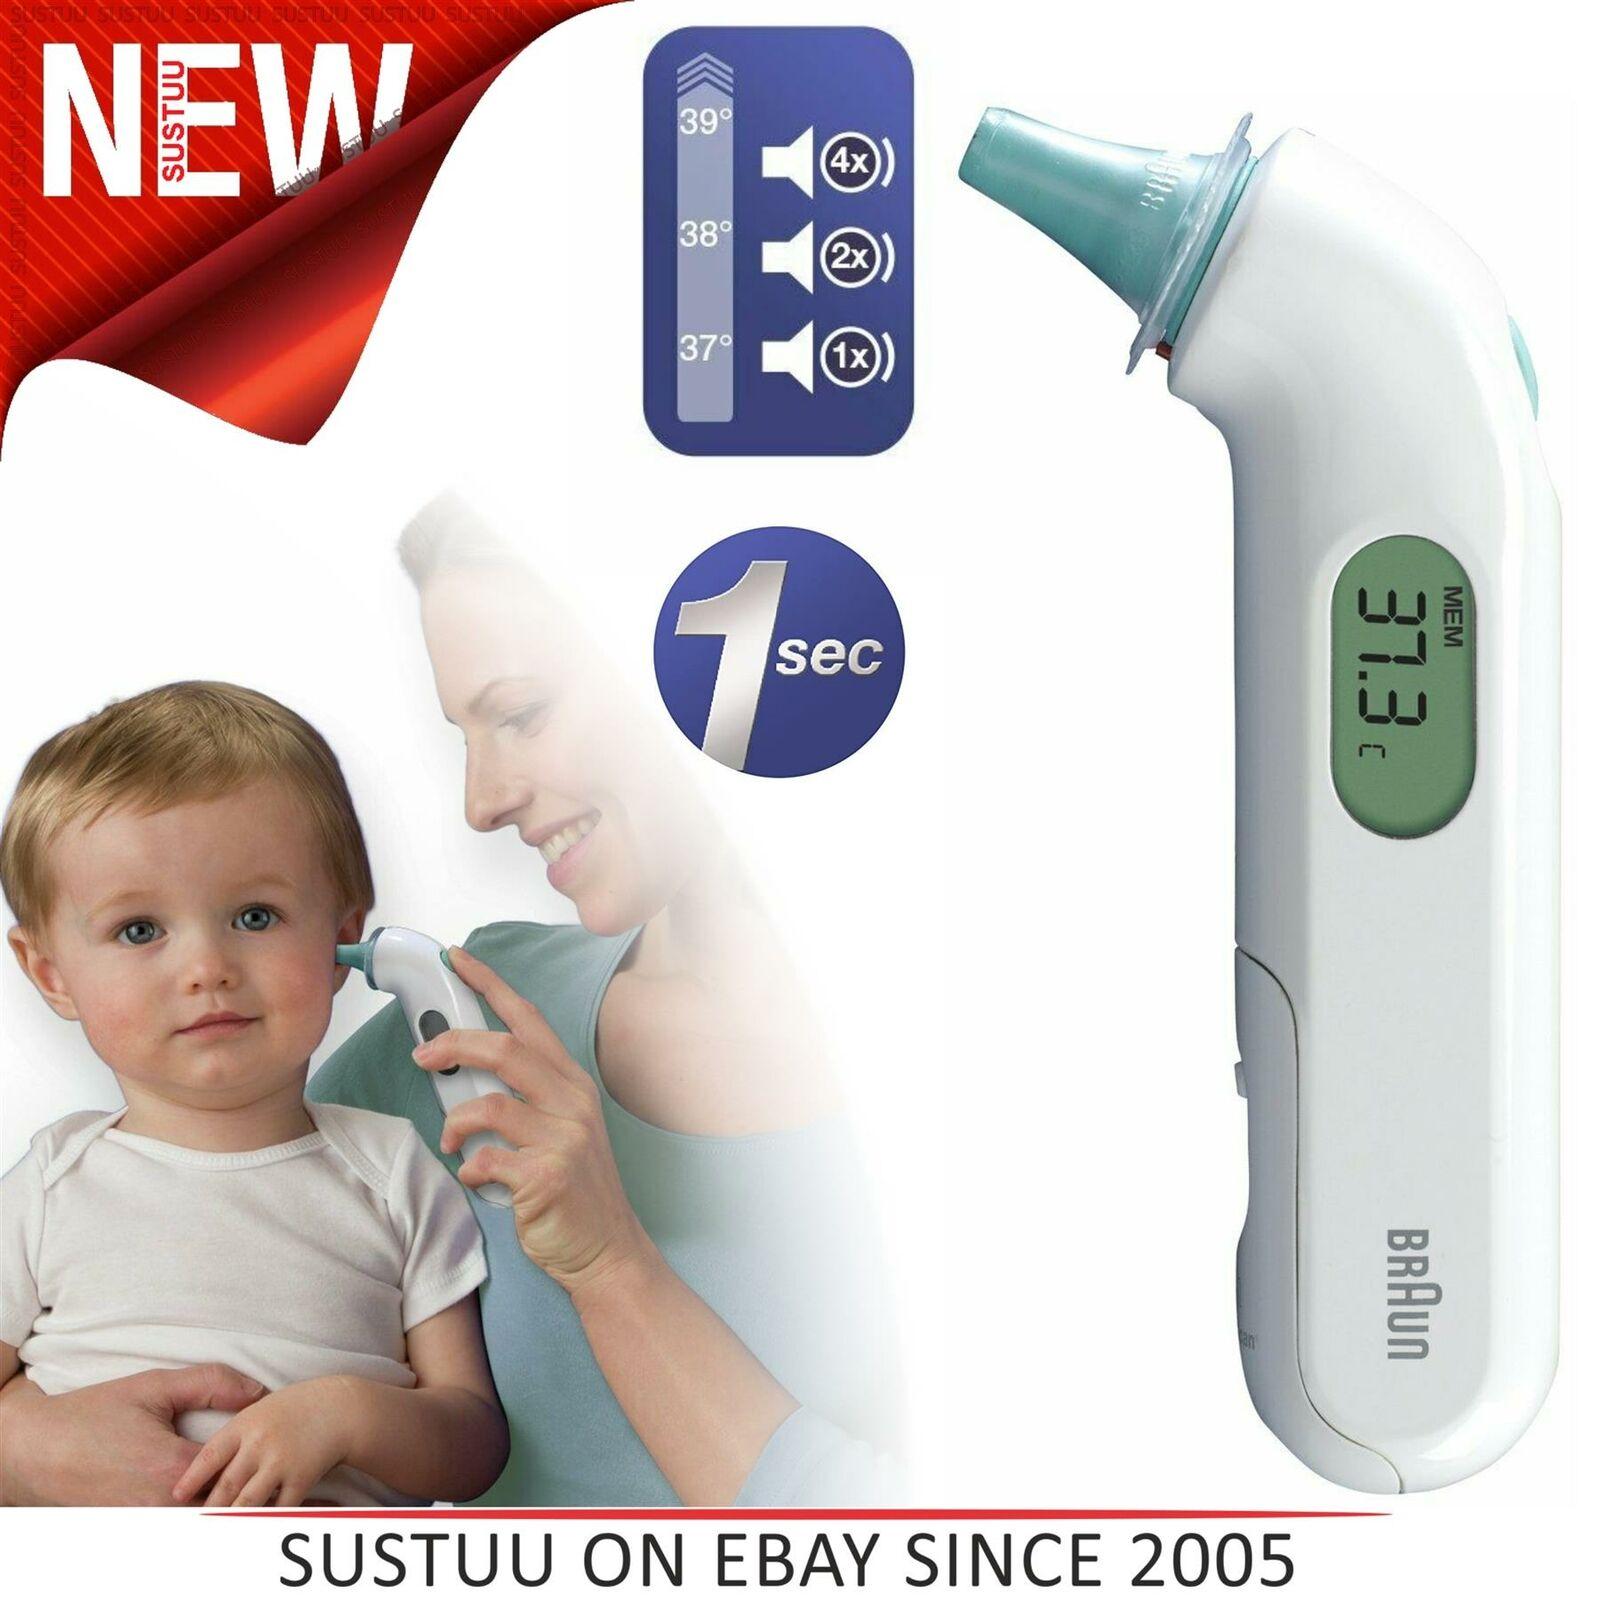 Thermomètre Auriculaire Braun ThermoScan 3 Infrarouge IRT3030 NOUVEAU bébé enfants adultes